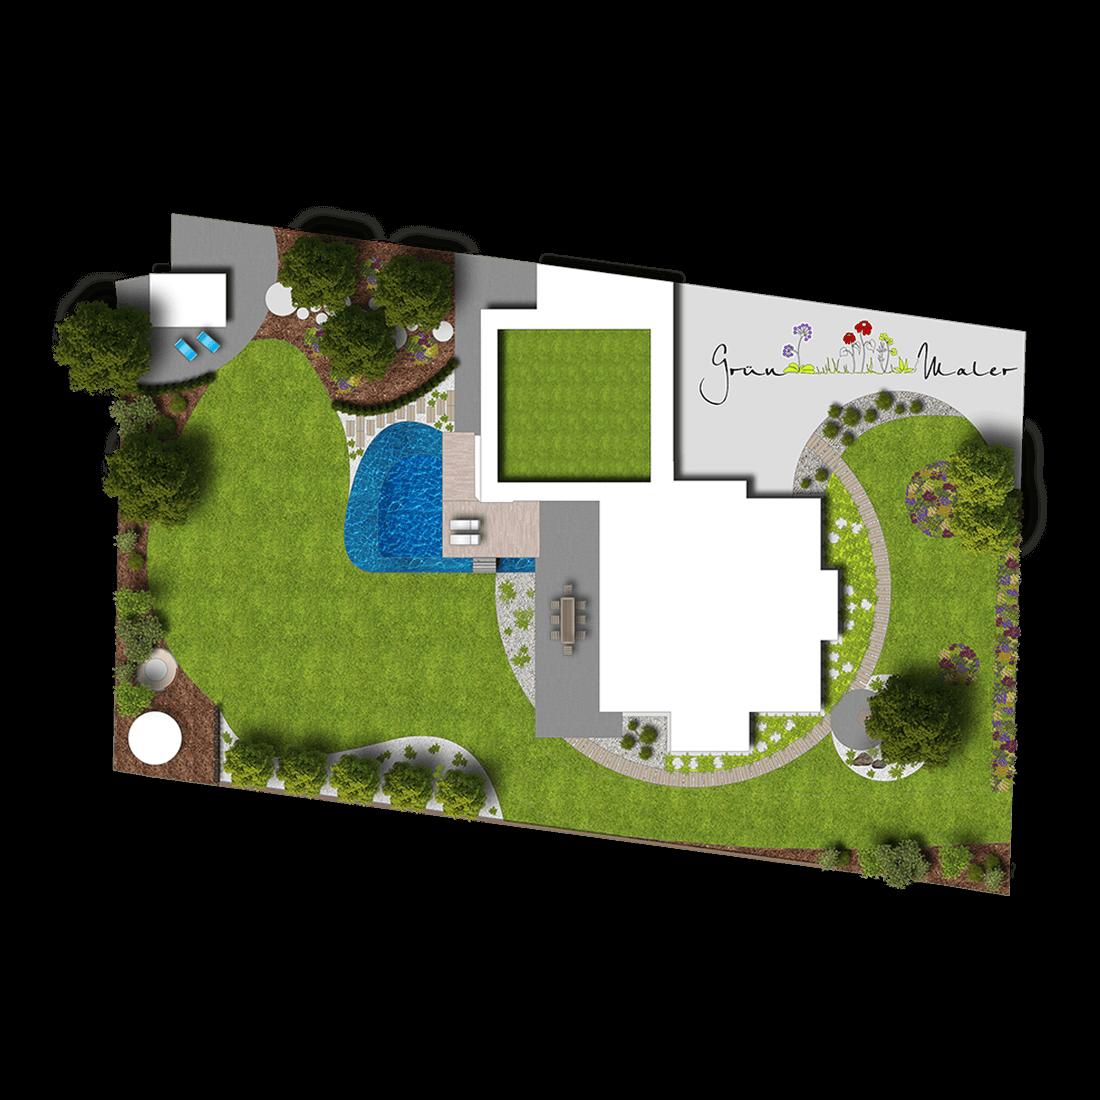 Gartendesign im Konzeptplan dargestellt